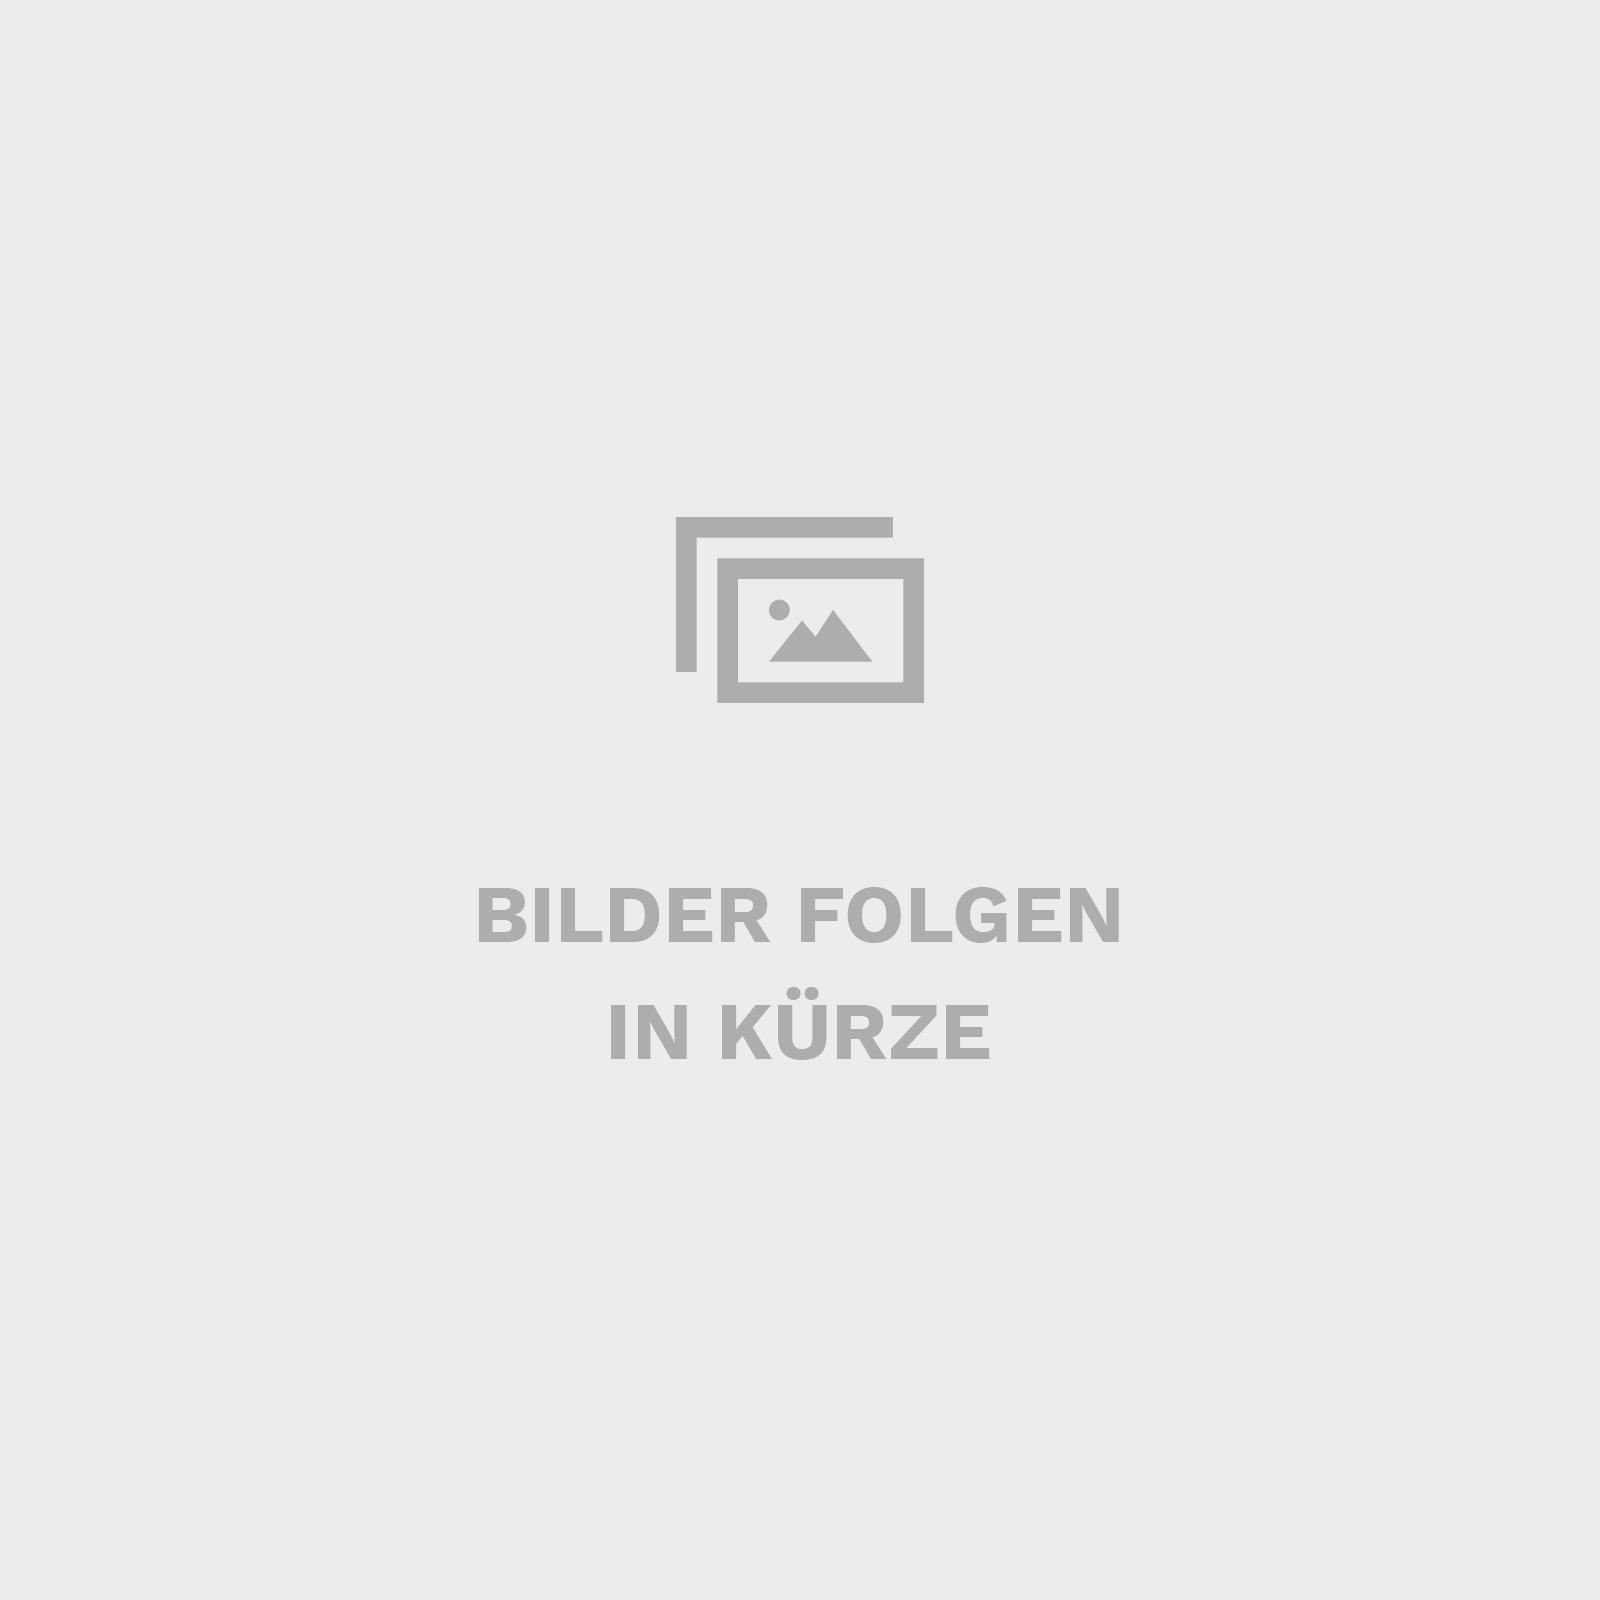 Pan Am Ceiling als Küchenbeleuchtung